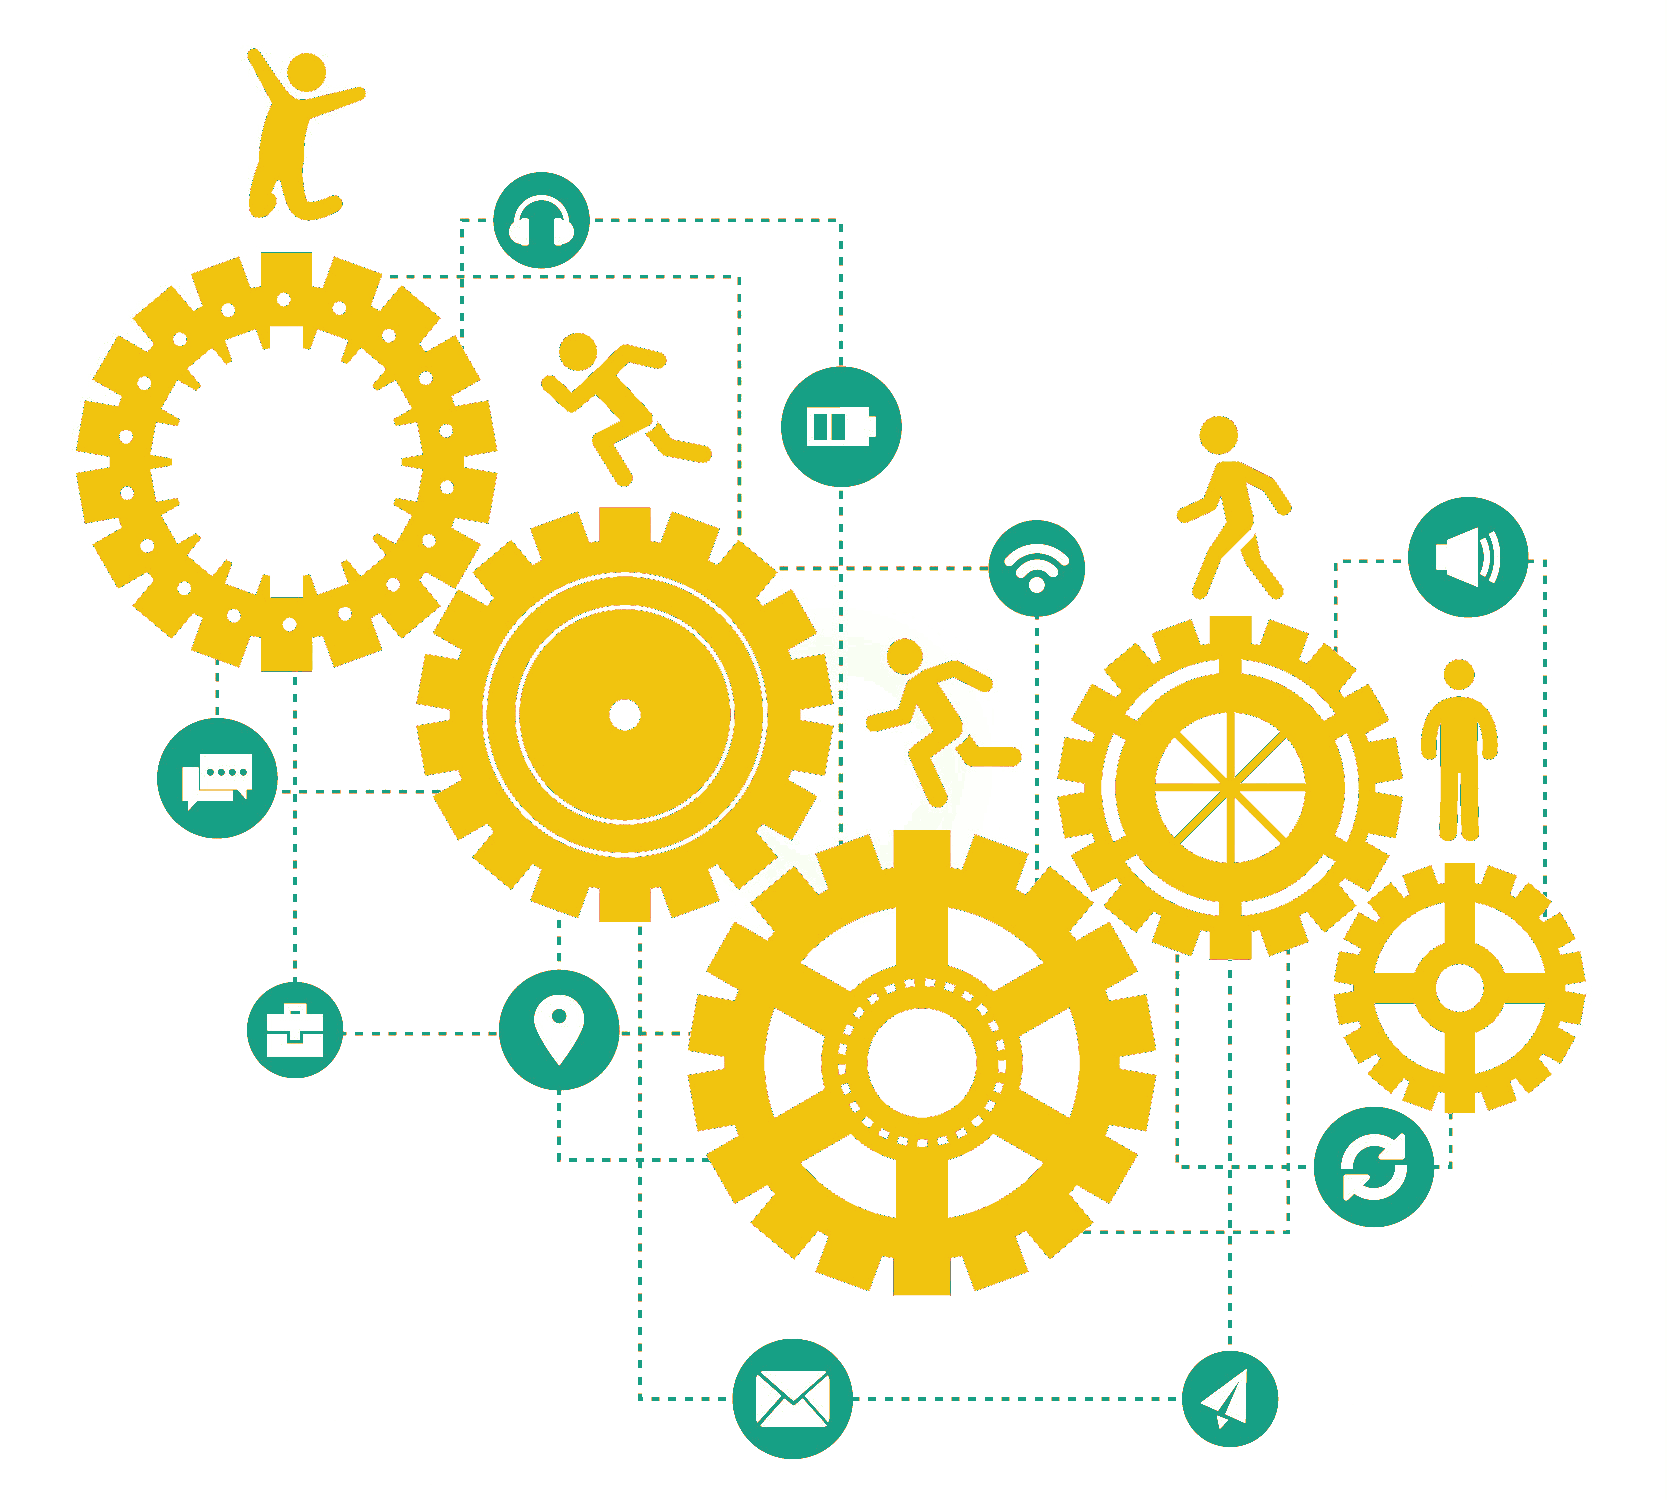 منابع انسانی-نیروی انسانی-managers tool